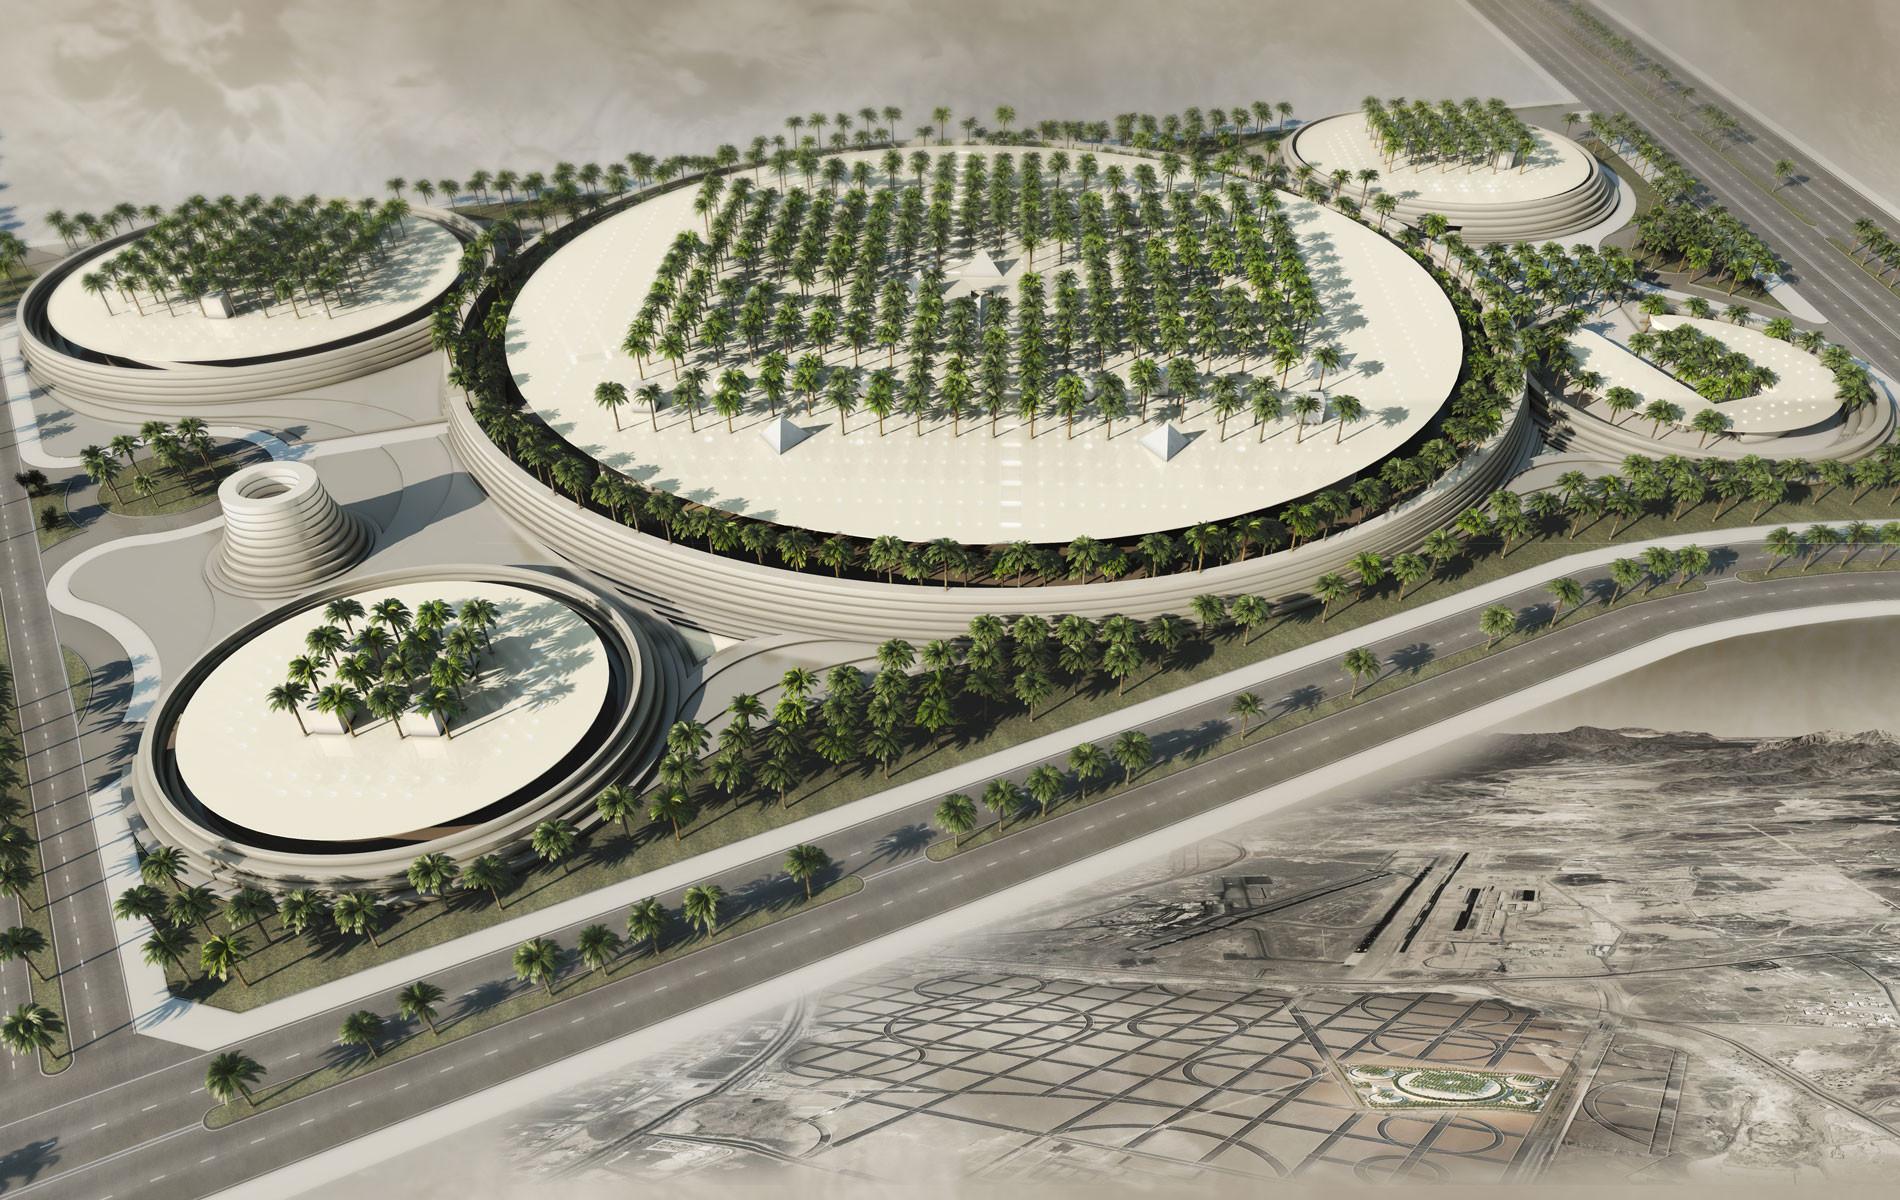 Ricardo Bofill gana competición para diseñar Noble Qur'an Oasis en Arabia Saudita, Noble Qur'an Oasis en Medina, Arabia Saudita. Imagen cortesía de Ricardo Bofill Taller de Arquitectura